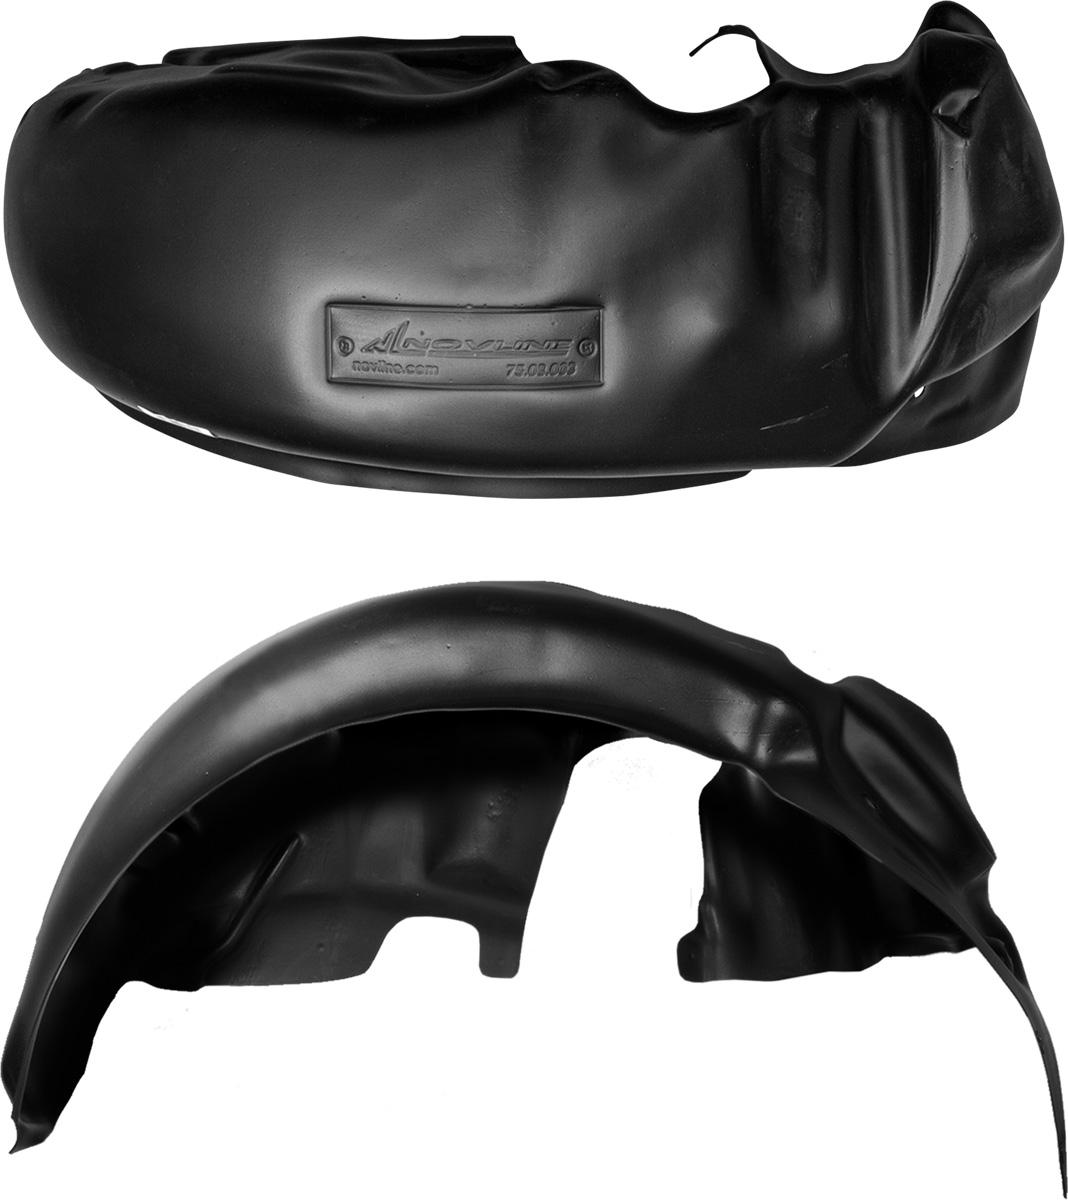 Подкрылок Novline-Autofamily, для Nissan Almera, 2012->, задний левый1004900000360Колесные ниши - одни из самых уязвимых зон днища вашего автомобиля. Они постоянно подвергаются воздействию со стороны дороги. Лучшая, почти абсолютная защита для них - специально отформованные пластиковые кожухи, которые называются подкрылками. Производятся они как для отечественных моделей автомобилей, так и для иномарок. Подкрылки Novline-Autofamily выполнены из высококачественного, экологически чистого пластика. Обеспечивают надежную защиту кузова автомобиля от пескоструйного эффекта и негативного влияния, агрессивных антигололедных реагентов. Пластик обладает более низкой теплопроводностью, чем металл, поэтому в зимний период эксплуатации использование пластиковых подкрылков позволяет лучше защитить колесные ниши от налипания снега и образования наледи. Оригинальность конструкции подчеркивает элегантность автомобиля, бережно защищает нанесенное на днище кузова антикоррозийное покрытие и позволяет осуществить крепление подкрылков внутри колесной арки практически без дополнительного крепежа и сверления, не нарушая при этом лакокрасочного покрытия, что предотвращает возникновение новых очагов коррозии. Подкрылки долговечны, обладают высокой прочностью и сохраняют заданную форму, а также все свои физико-механические характеристики в самых тяжелых климатических условиях (от -50°С до +50°С).Уважаемые клиенты!Обращаем ваше внимание, на тот факт, что подкрылок имеет форму, соответствующую модели данного автомобиля. Фото служит для визуального восприятия товара.